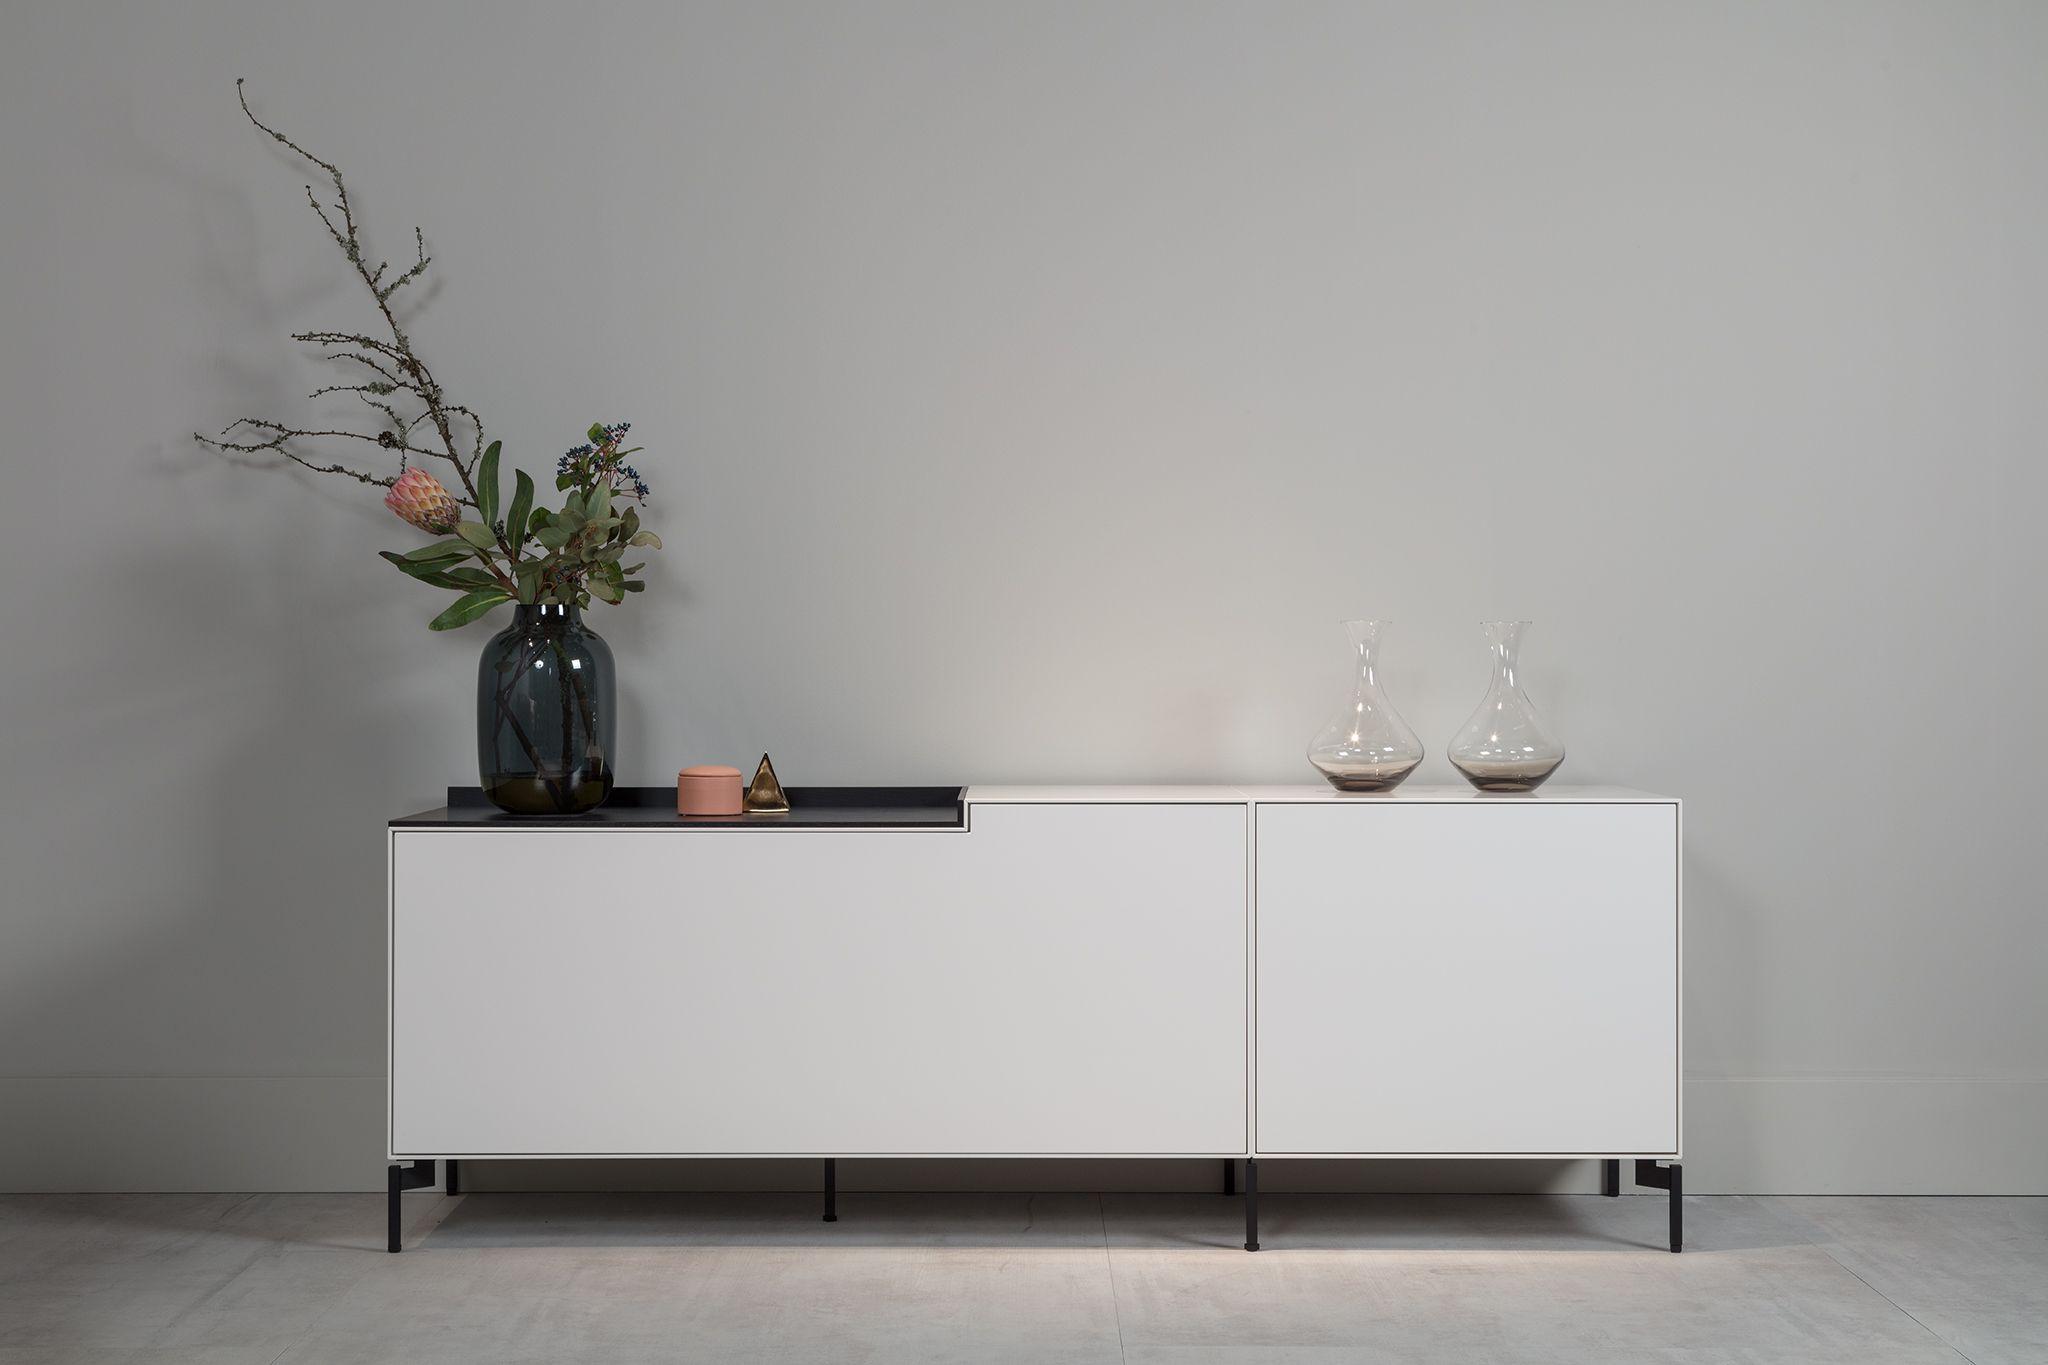 studio anise rolf benz 50 sofa. Modren Sofa Studio Anise Rolf Benz 50 Sofa Cubo Sideboard At  Immcologne2018  In Studio Anise Rolf Benz Sofa B